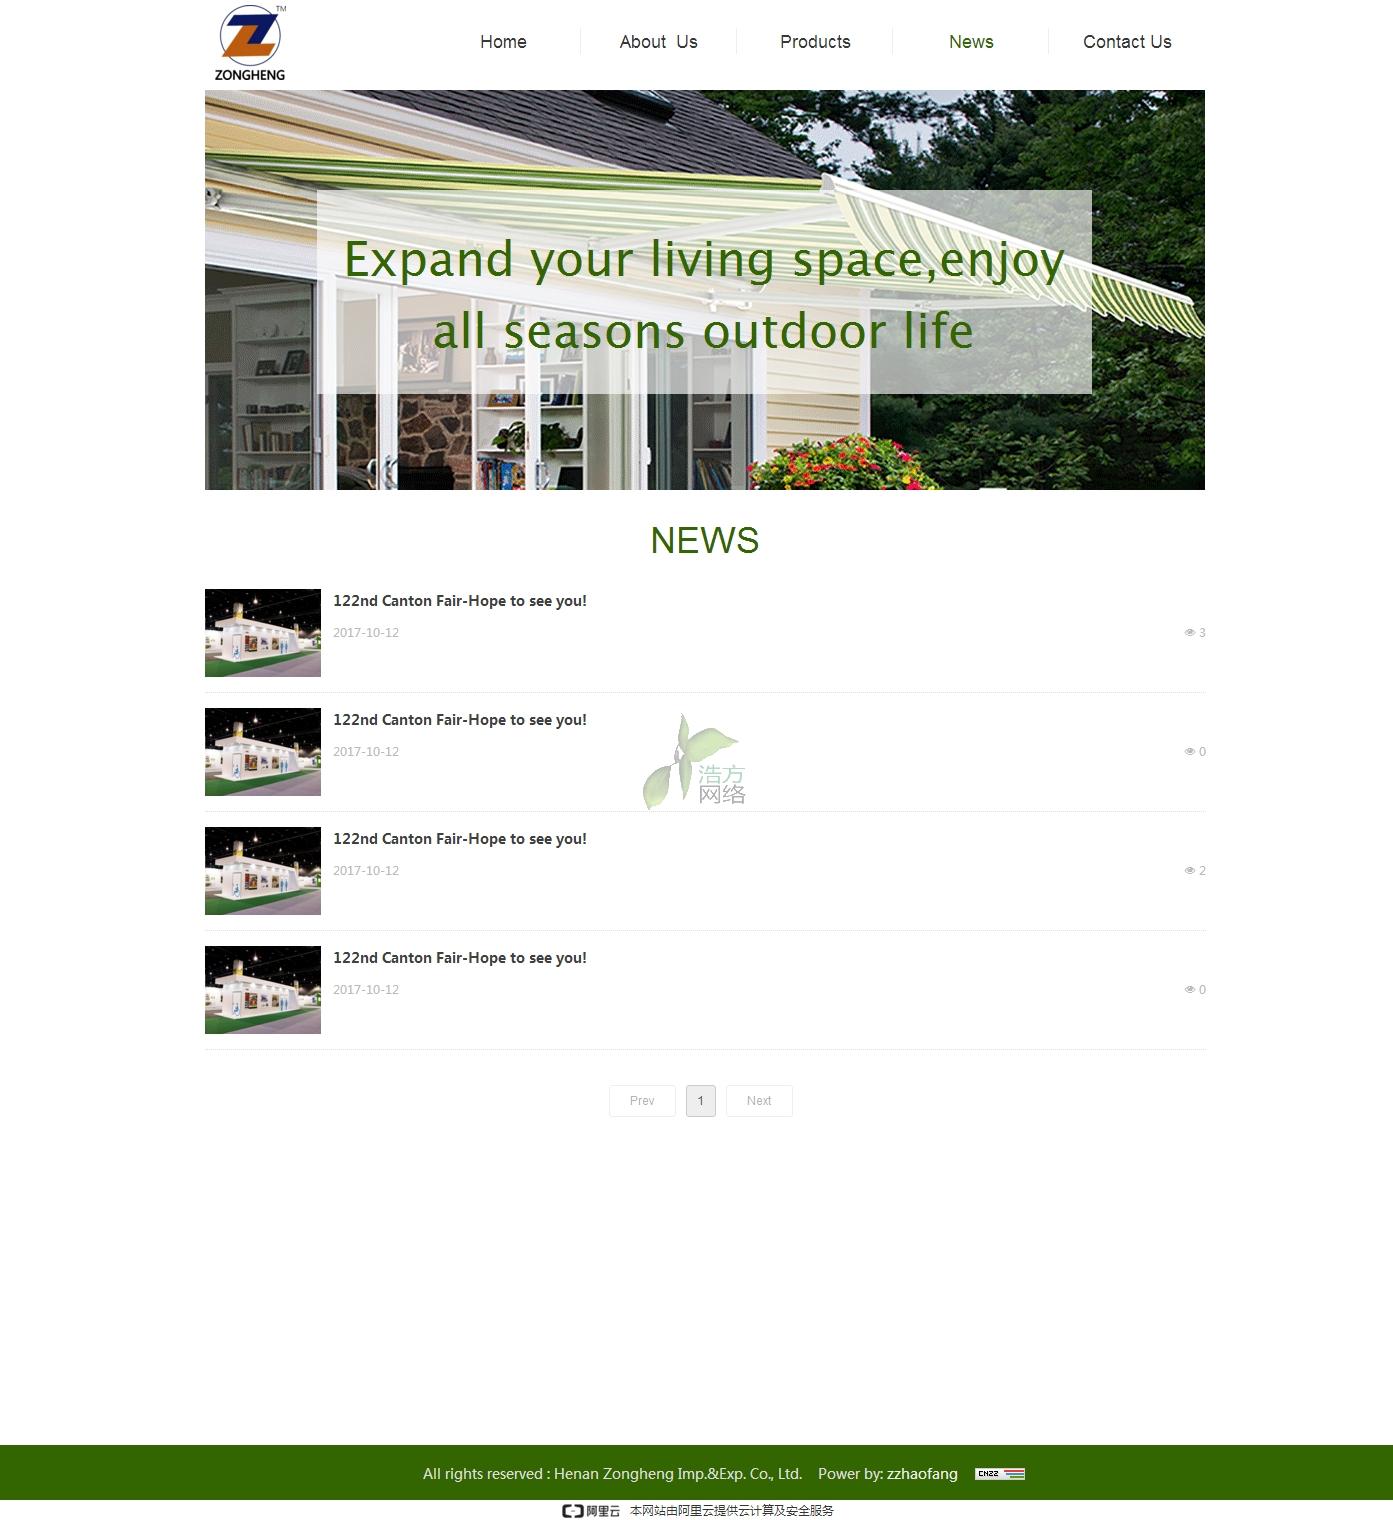 河南纵横进出口贸易有限公司遮阳棚英文网站新闻展示页面